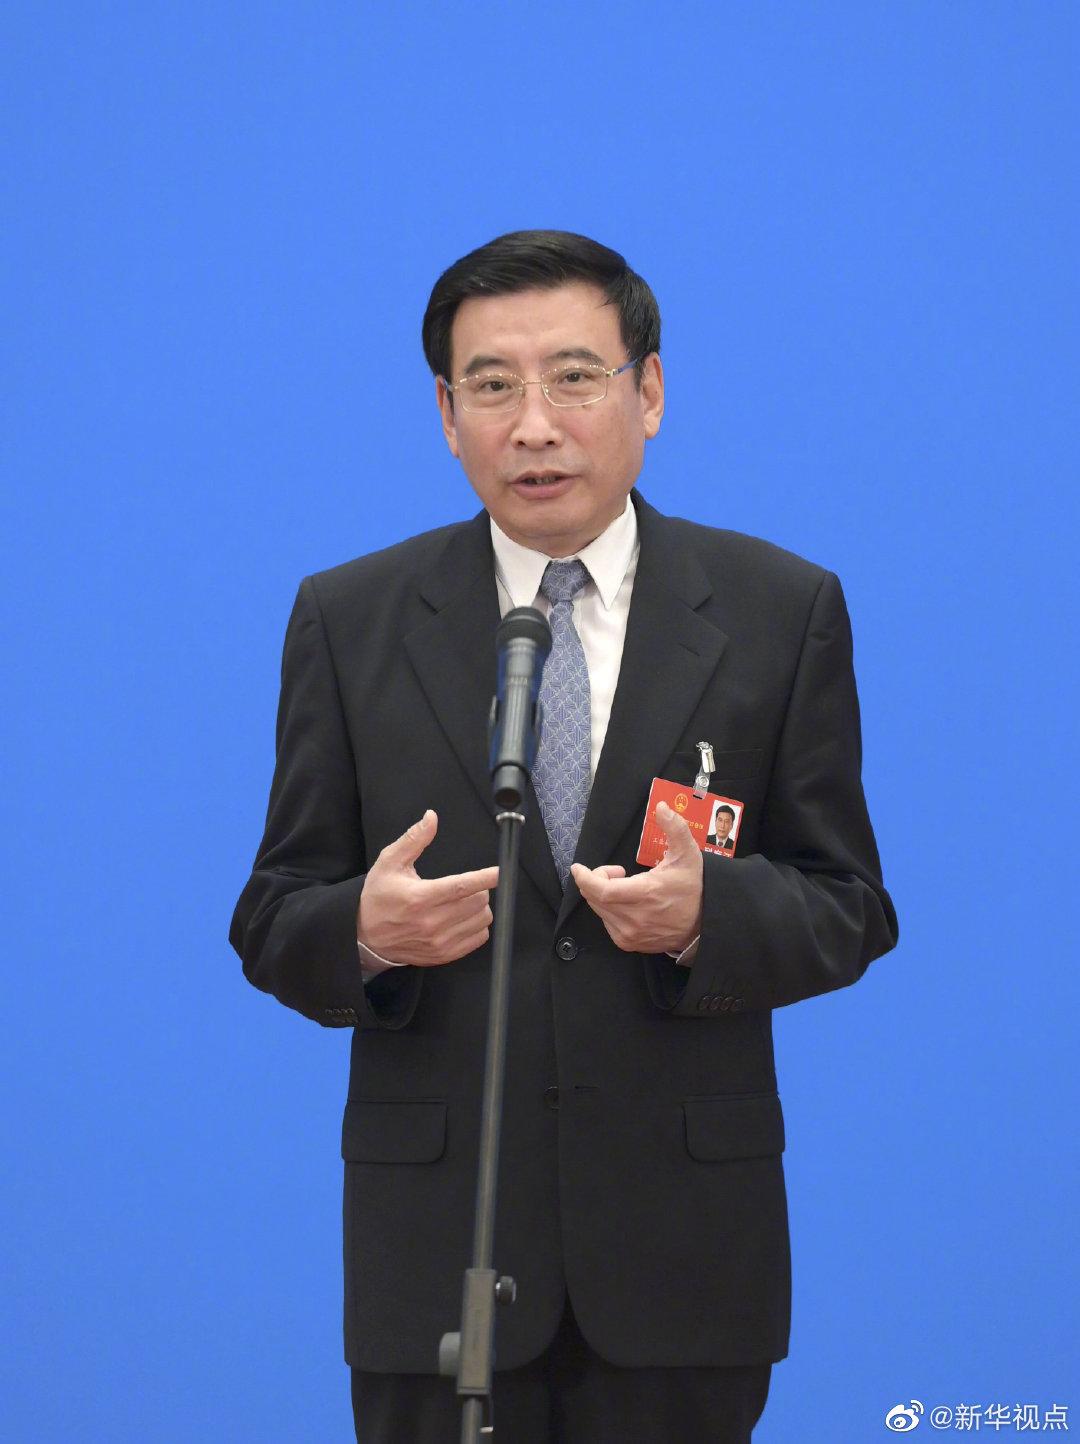 工信部部长:中国5G用户超3600万 每周约增1万多个5G基站